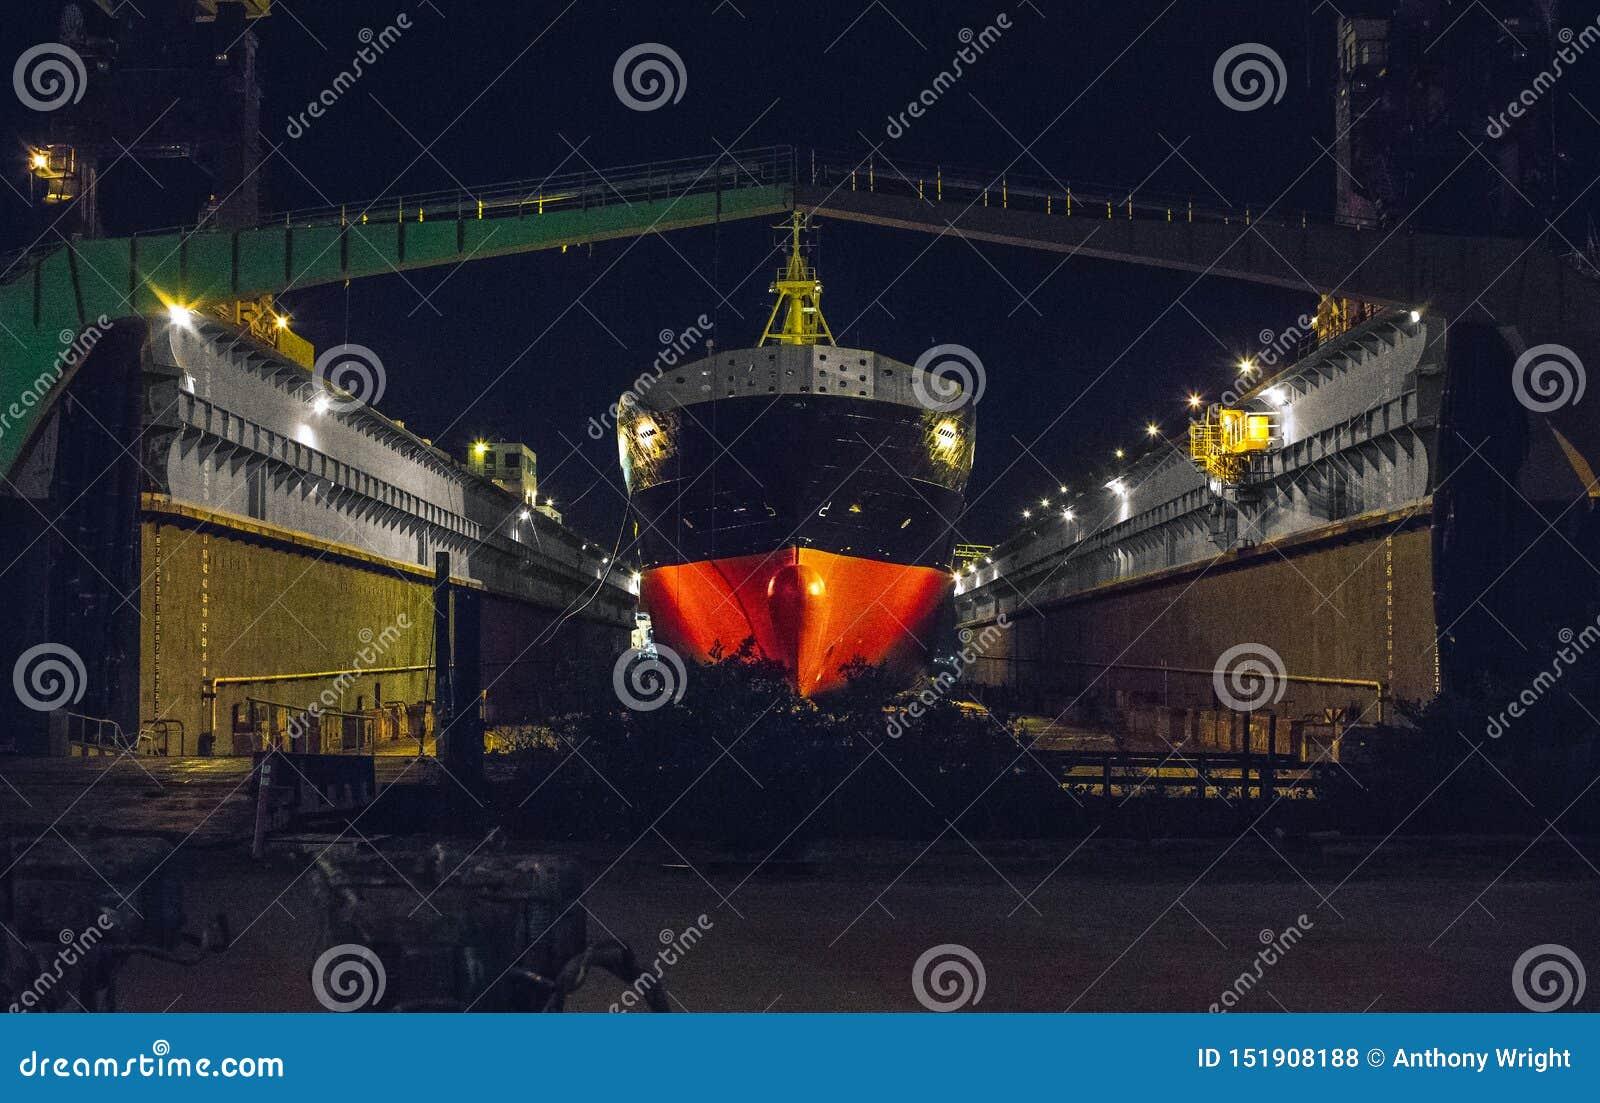 Σκάφος στο ναυπηγείο σκαφών